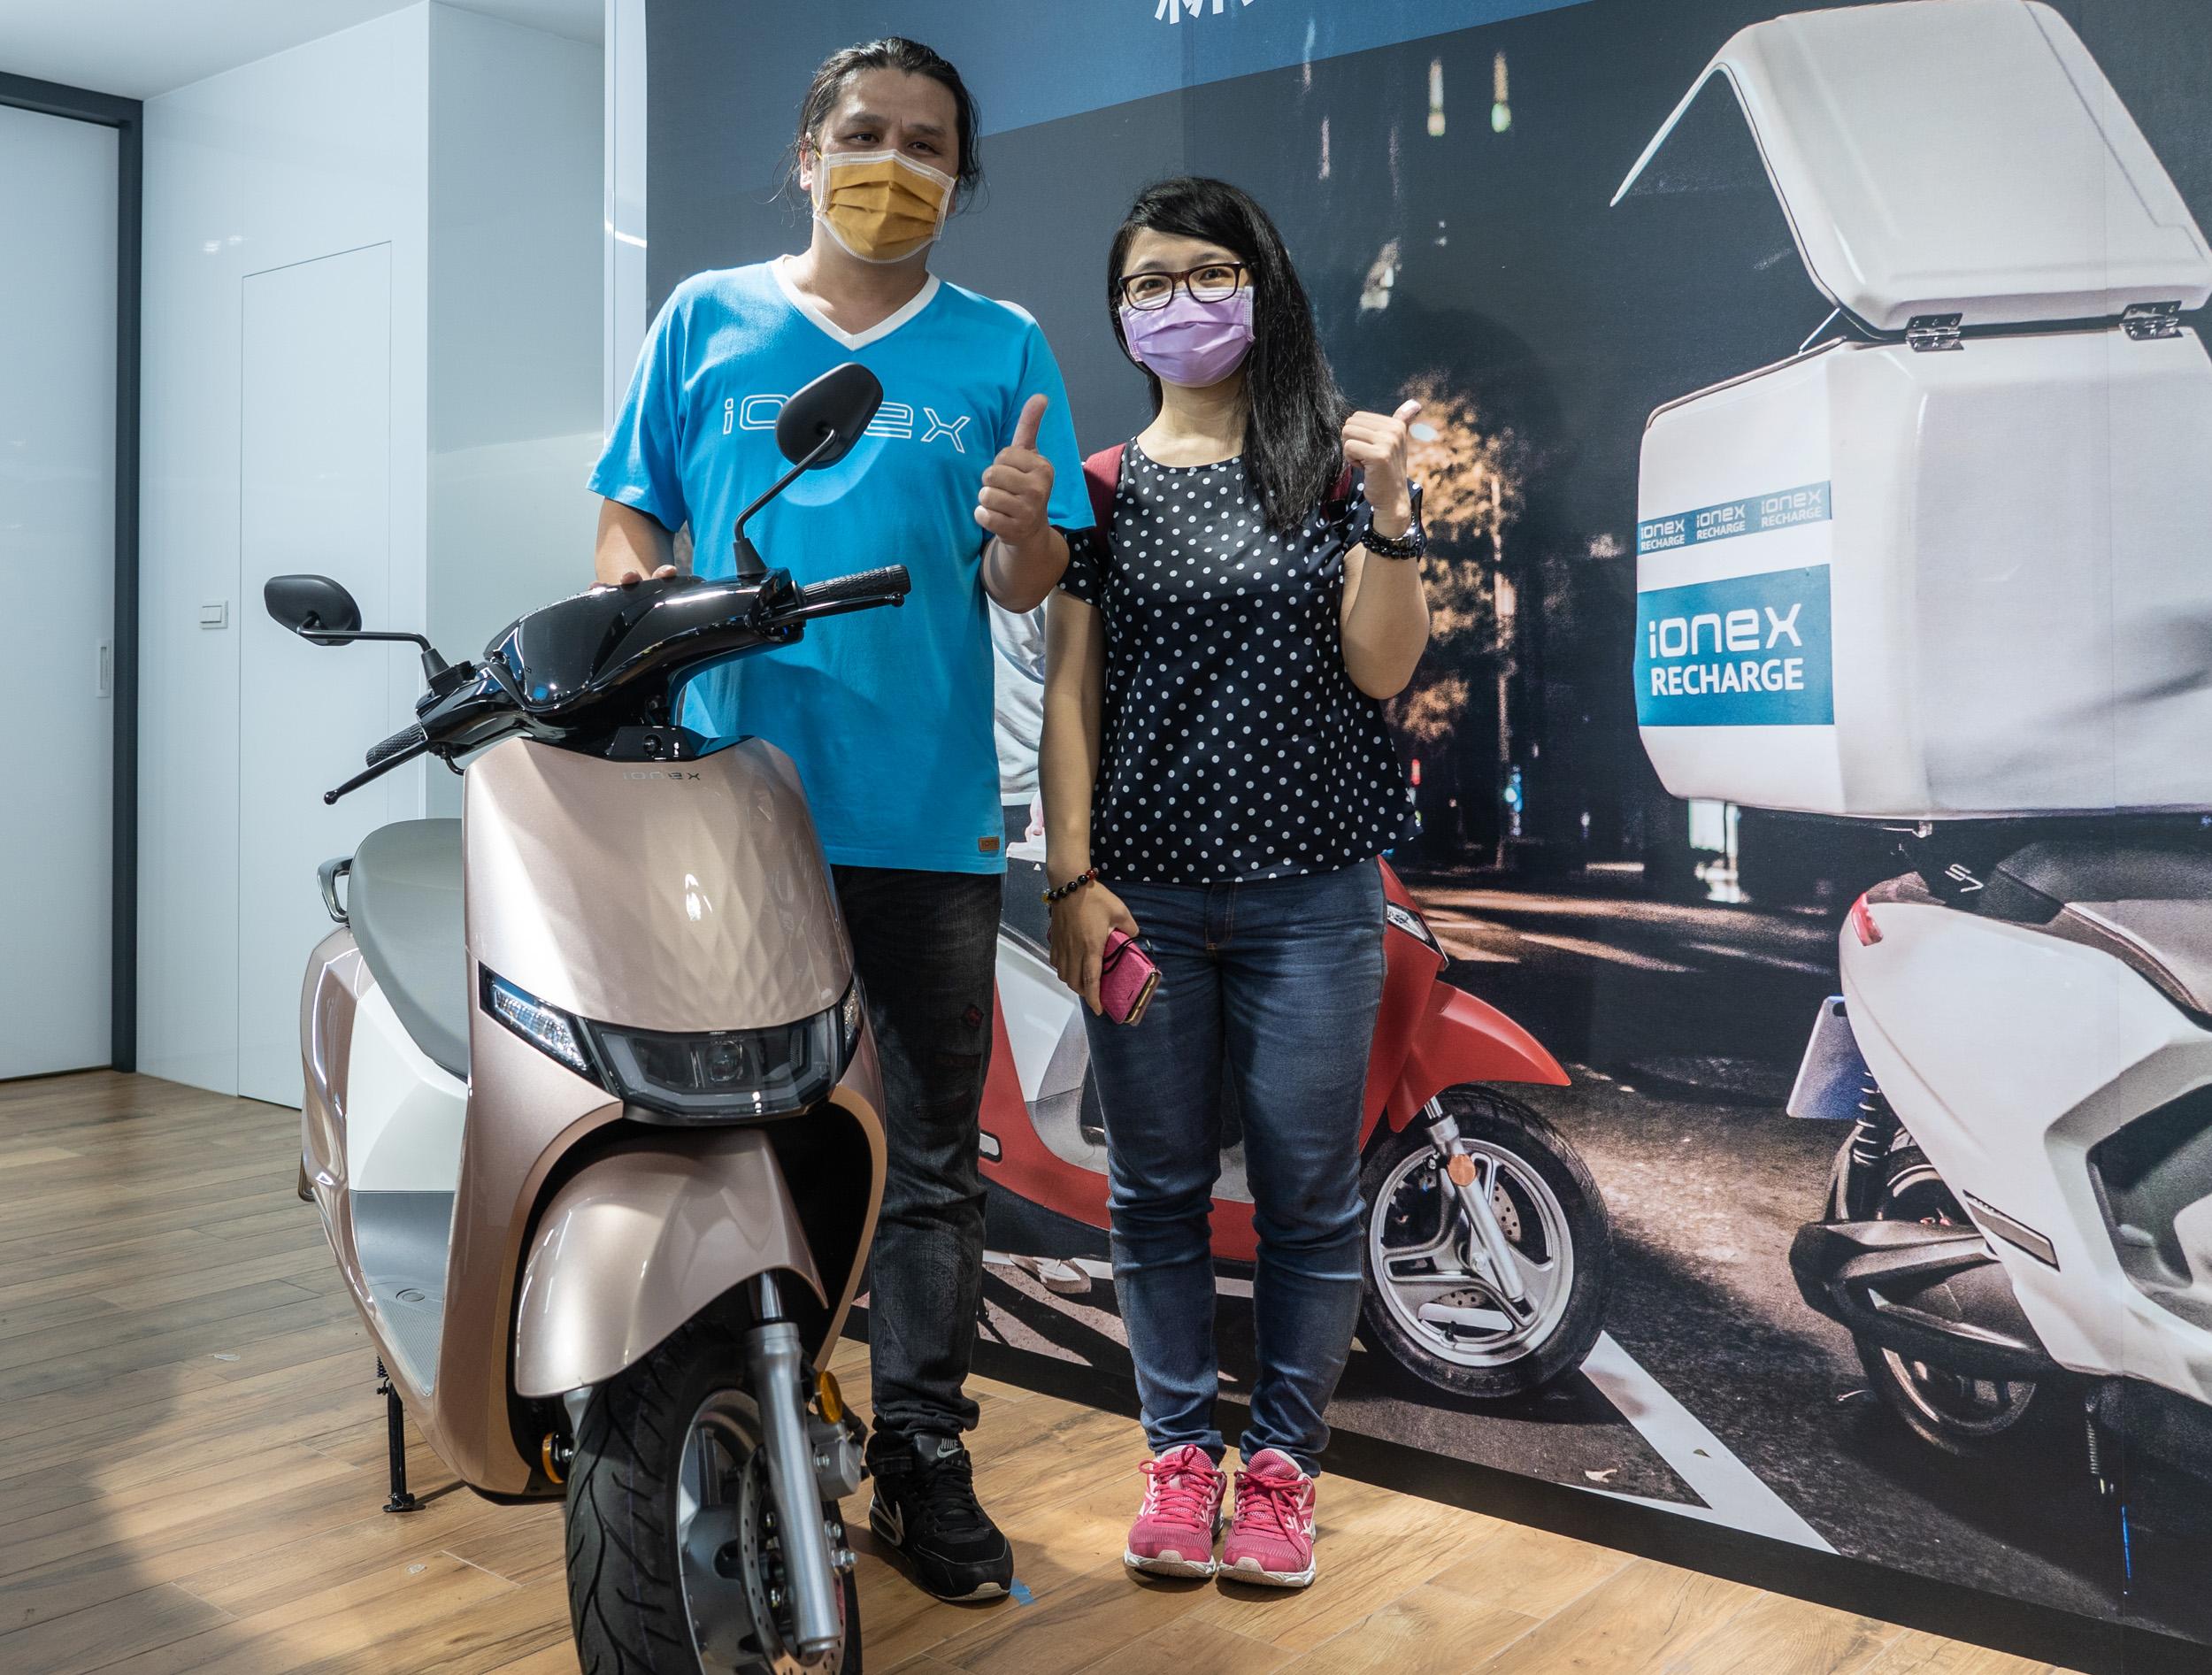 許多車主趁著週日前往 Ionex新北瀚陽店申辦「Ionex 尊榮換電」服務。